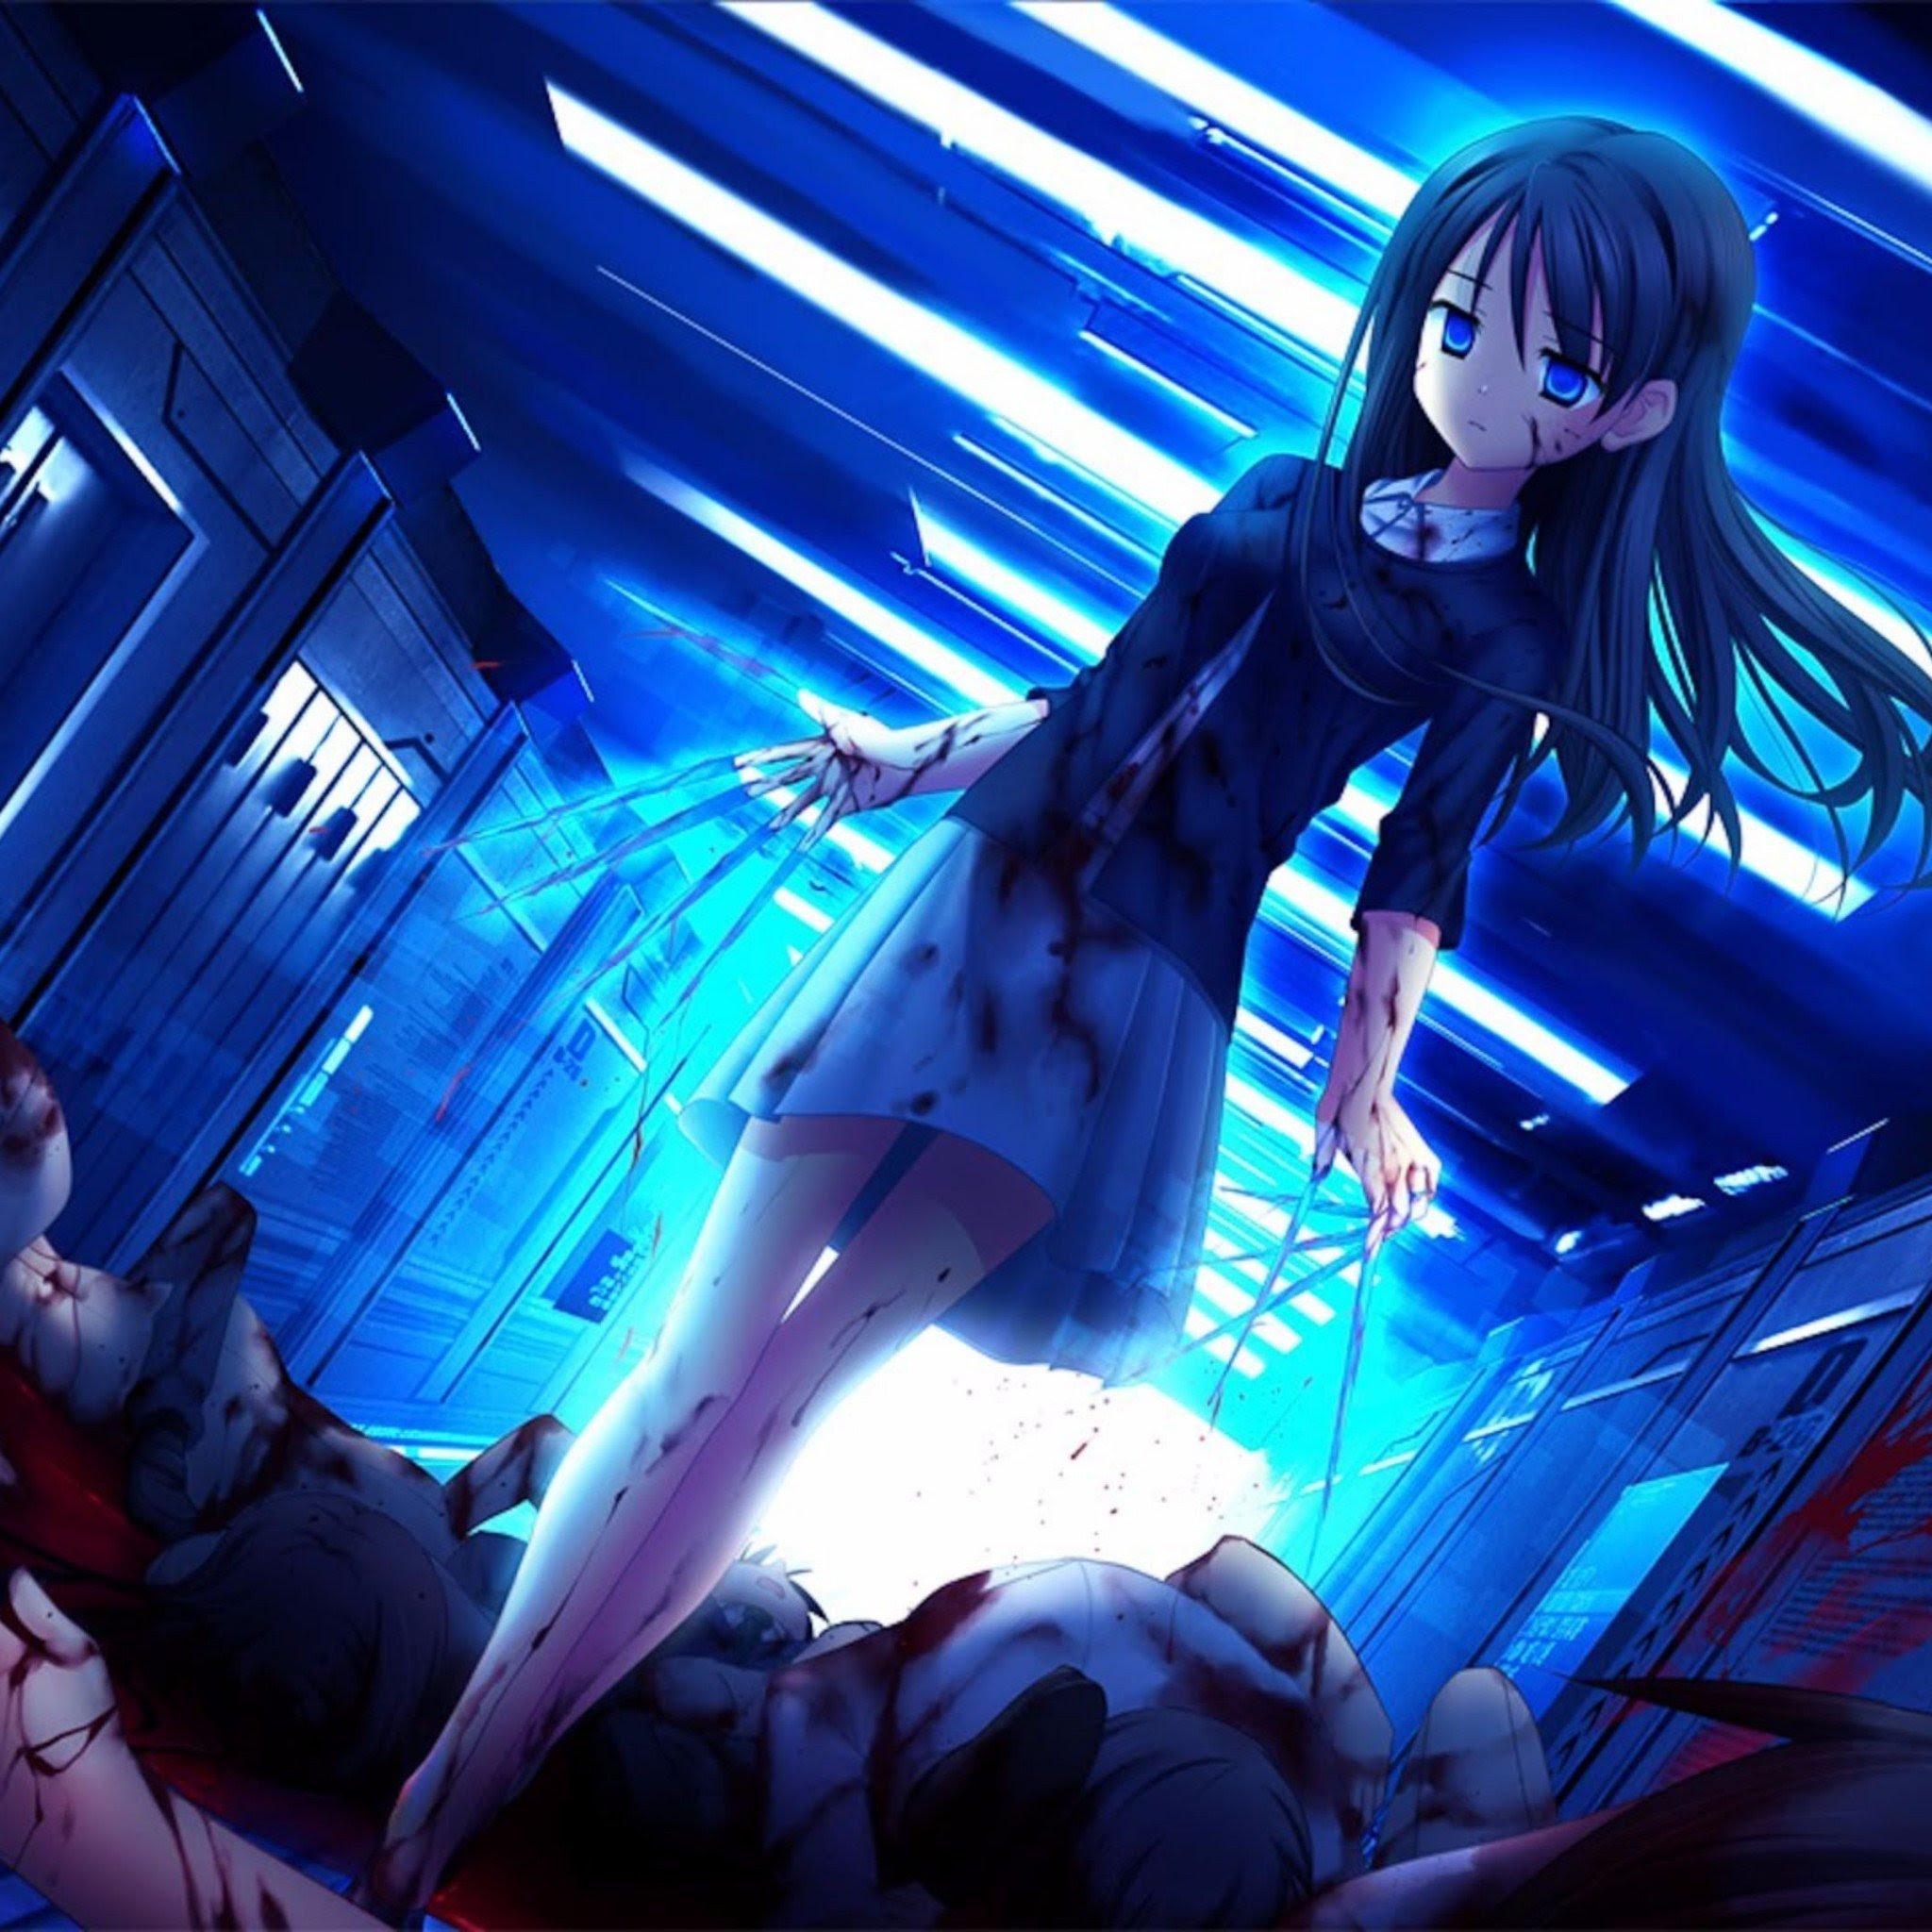 4K Anime Wallpapers - WallpaperSafari